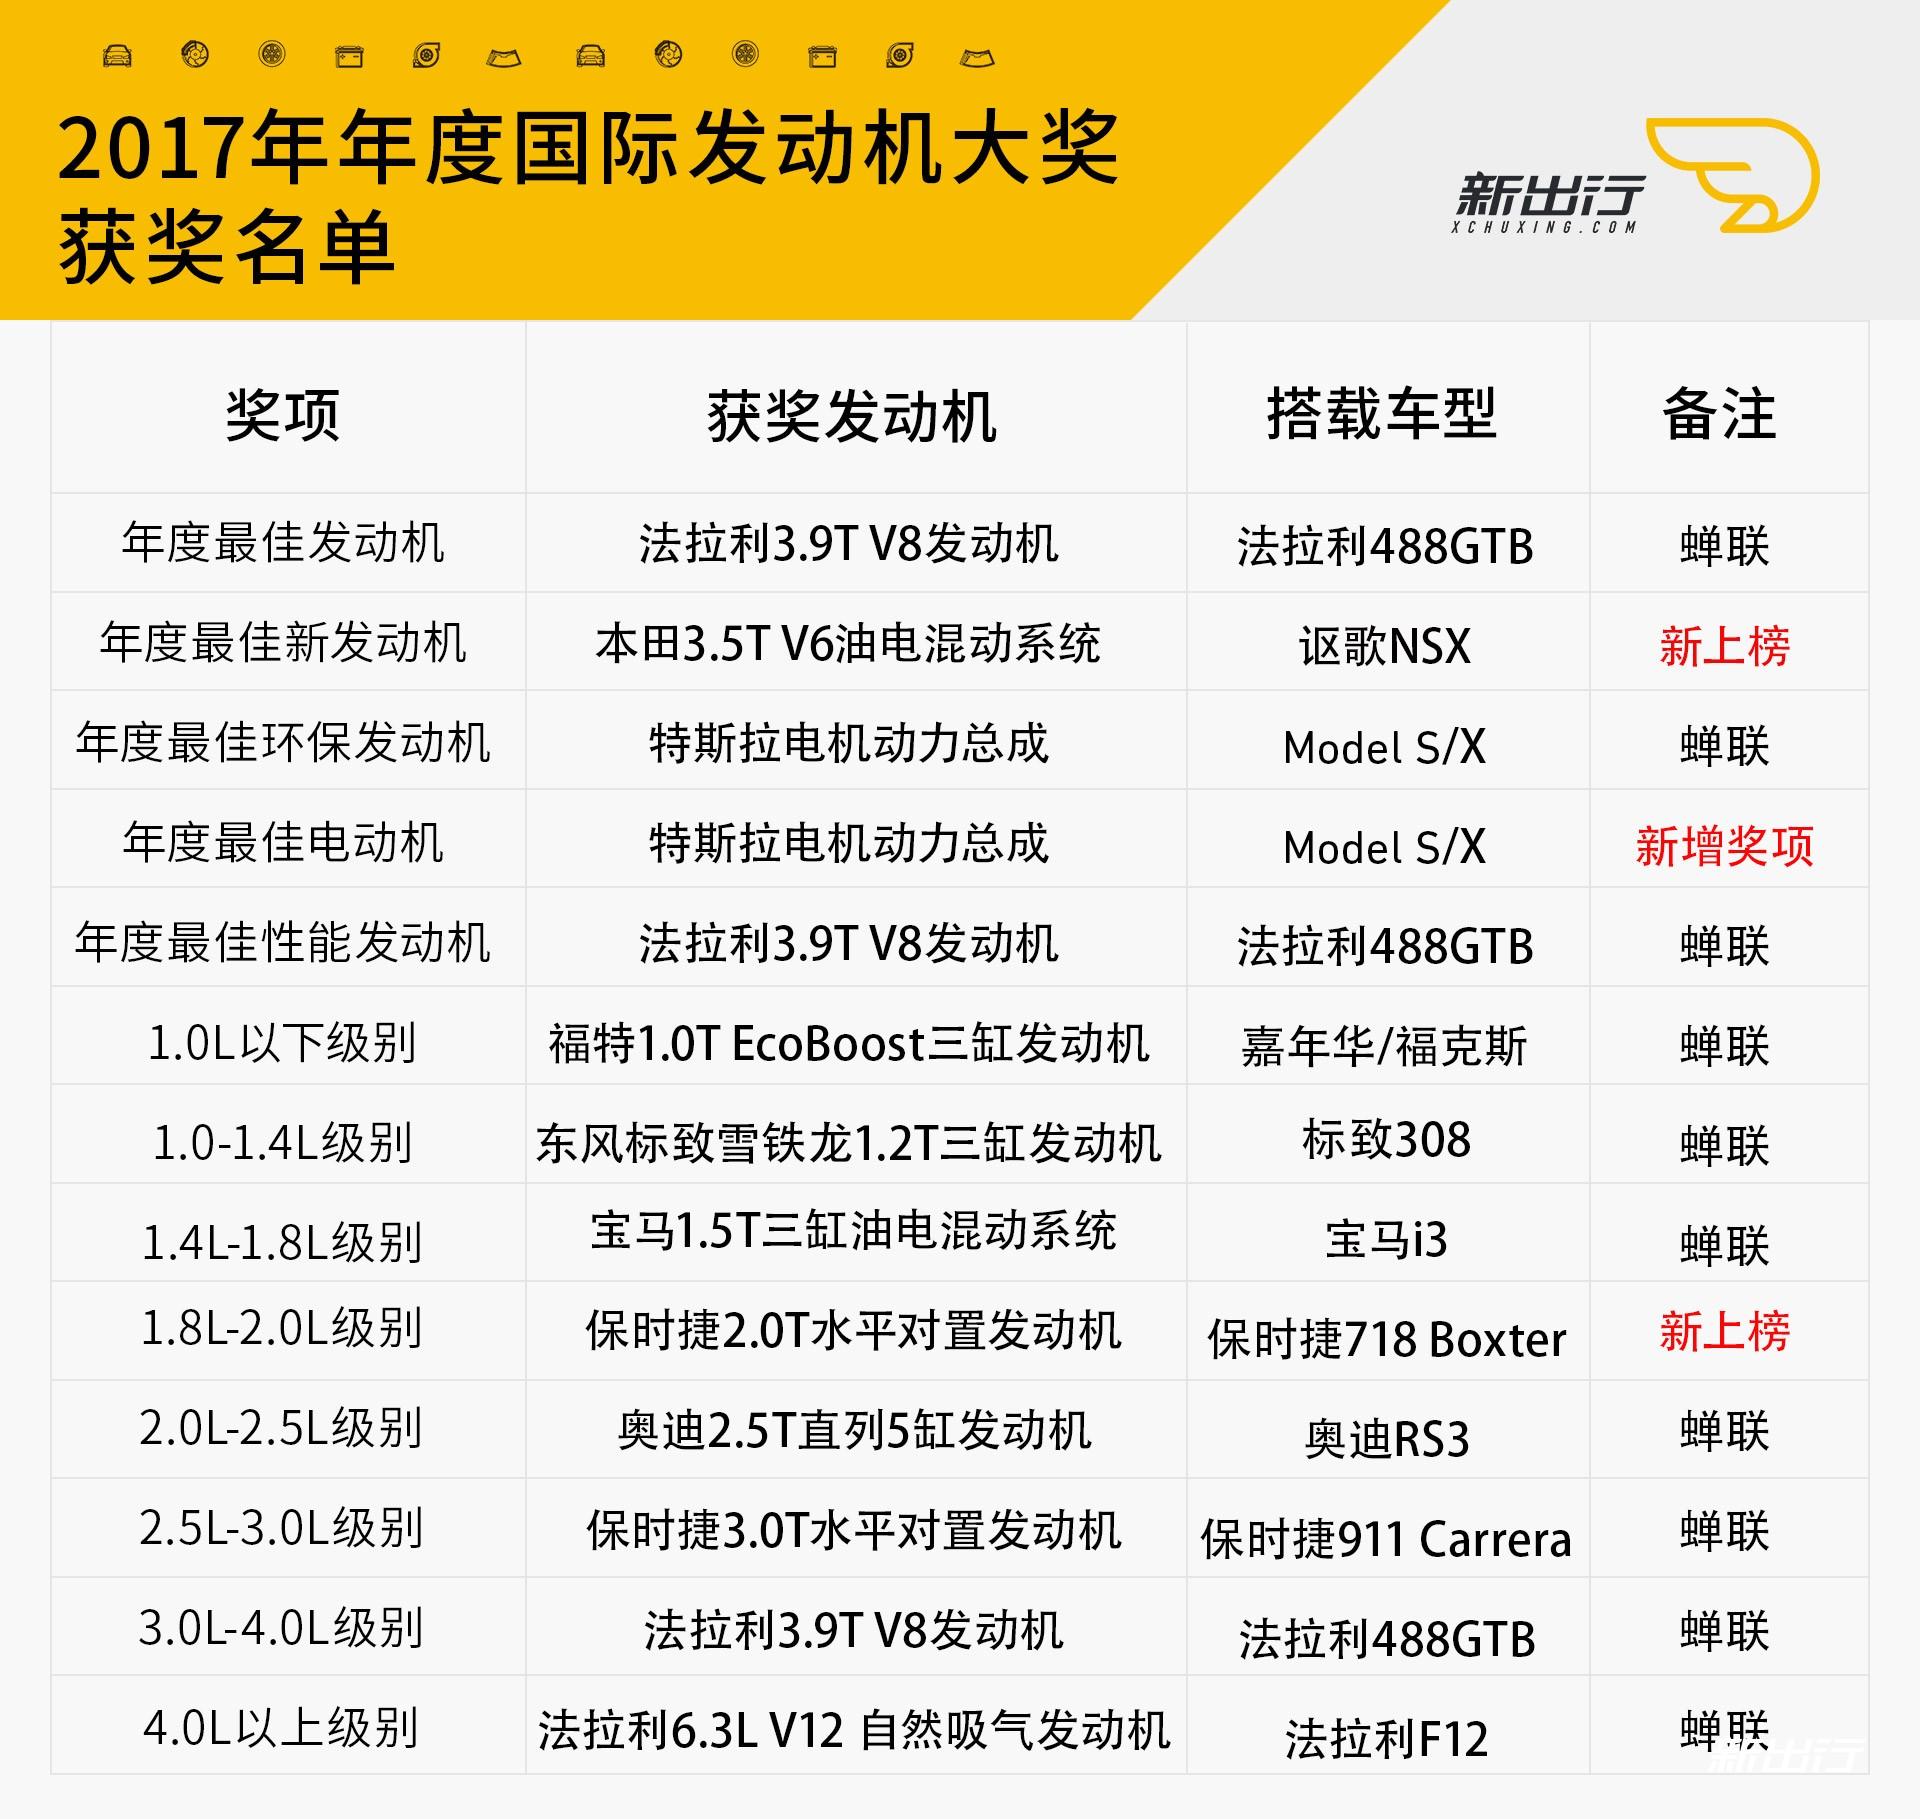 2017年国际发发动机大奖名单.jpg